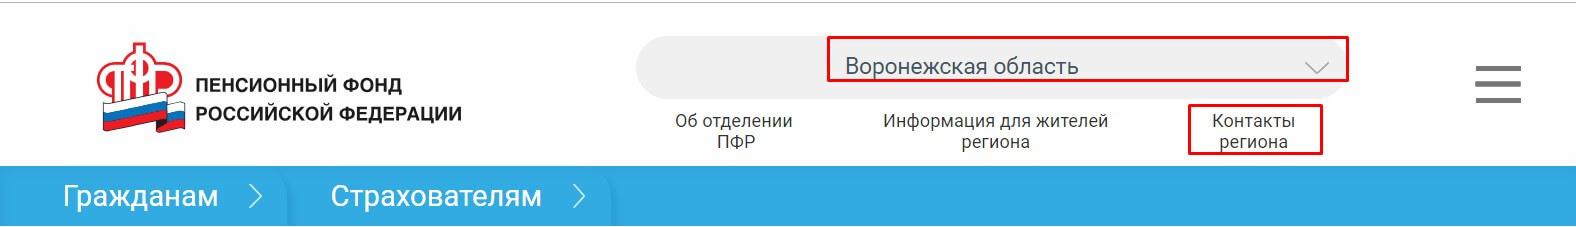 Пенсионный фондВоронежской области